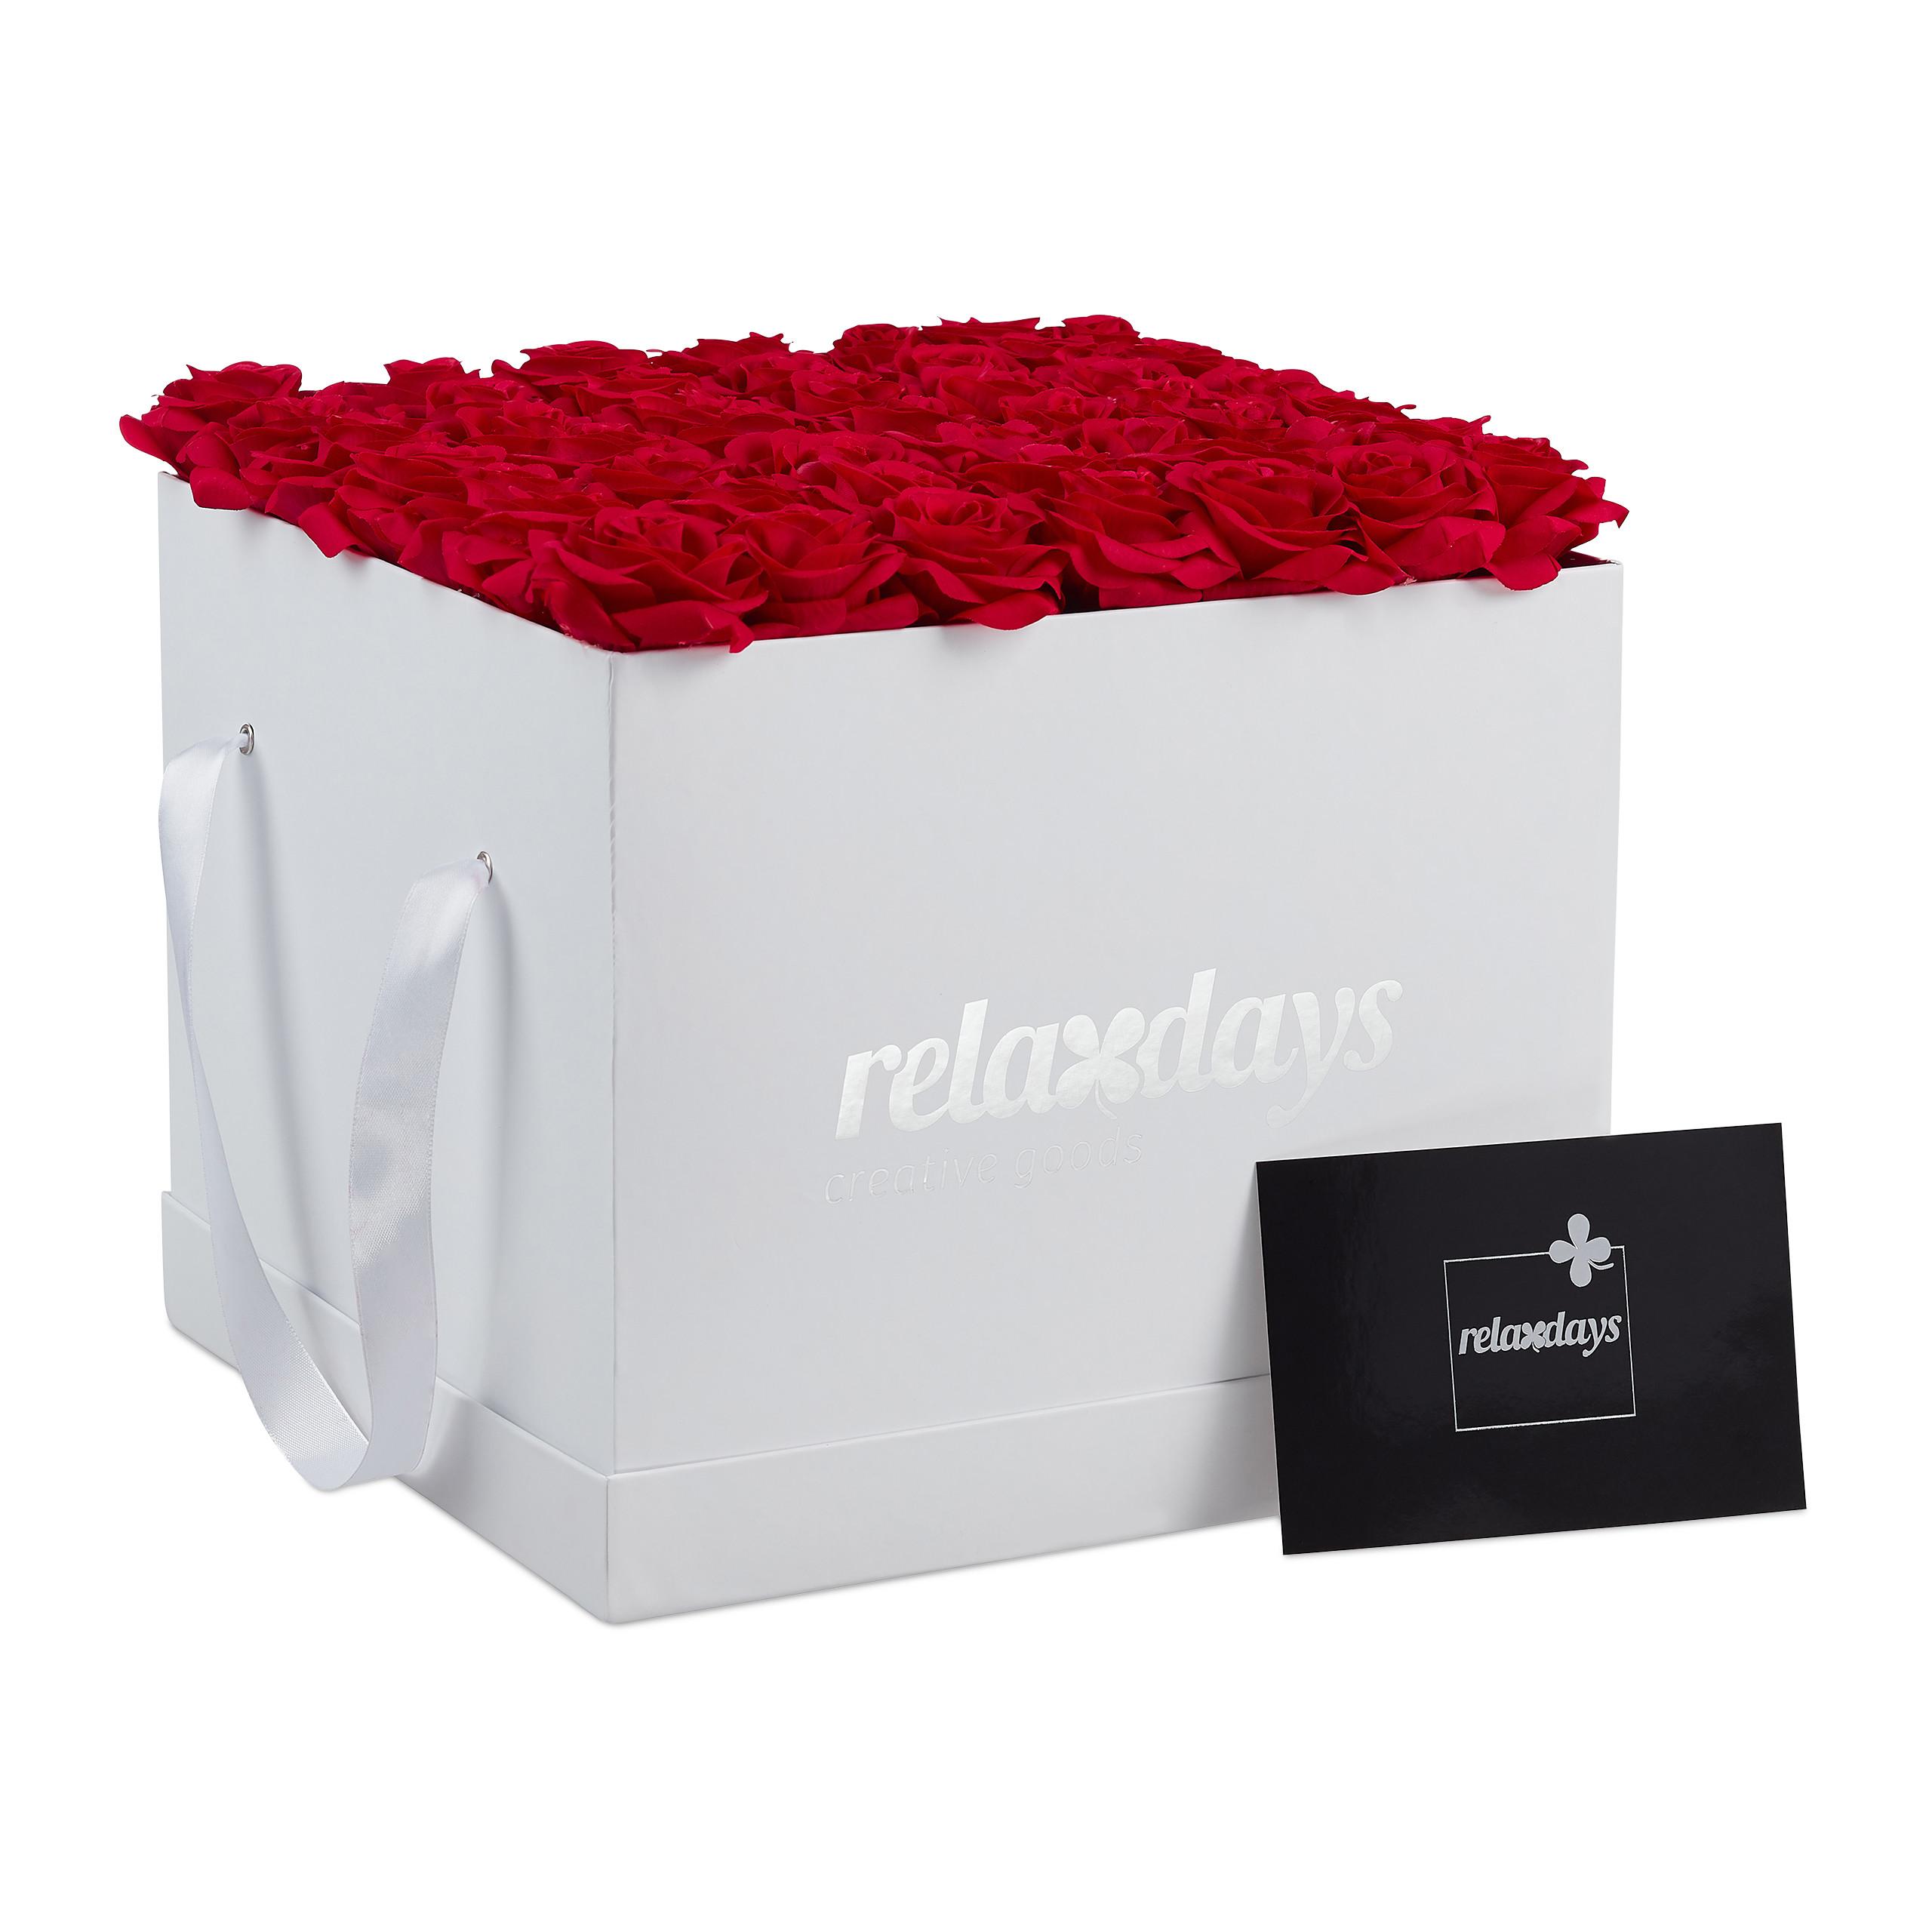 Rosenbox-Flowerbox-Ewige-Rosen-Blumenbox-49-Kunstblumen-eckig-Deko-Valentinstag Indexbild 13